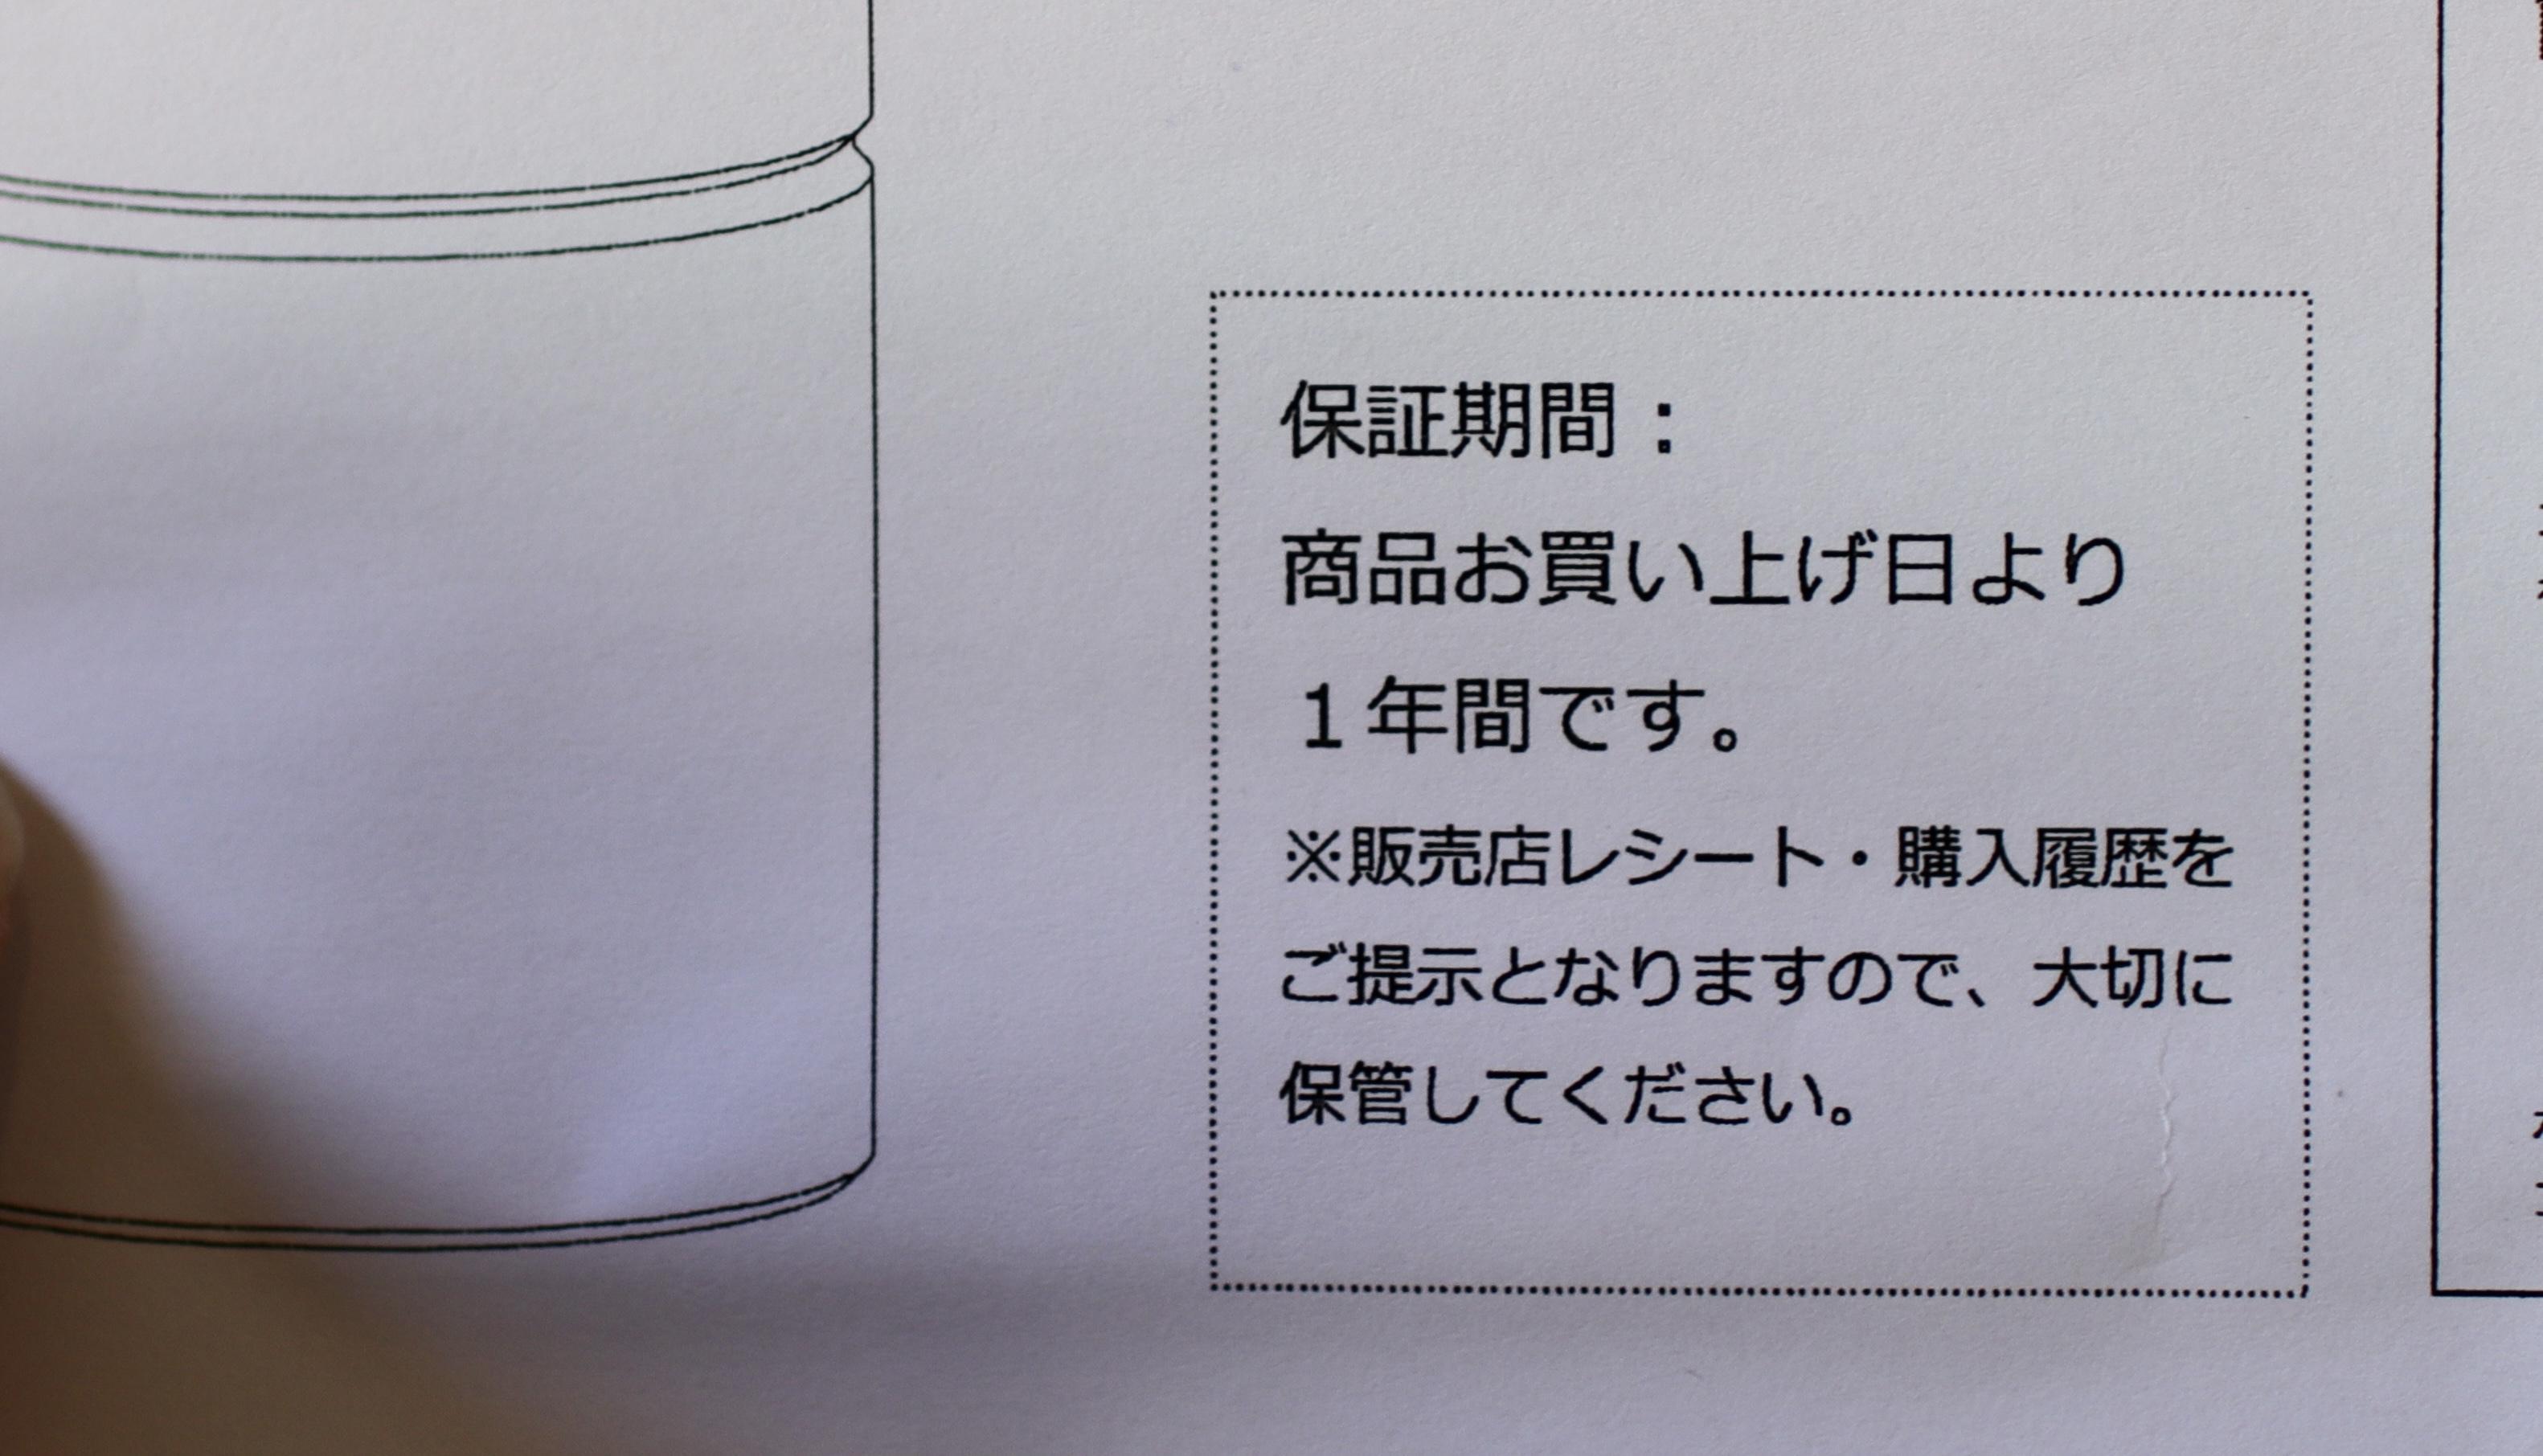 【次回、4月末入荷予定】【正規輸入/1年保証付】タイムモア  C2 (手挽きミル)